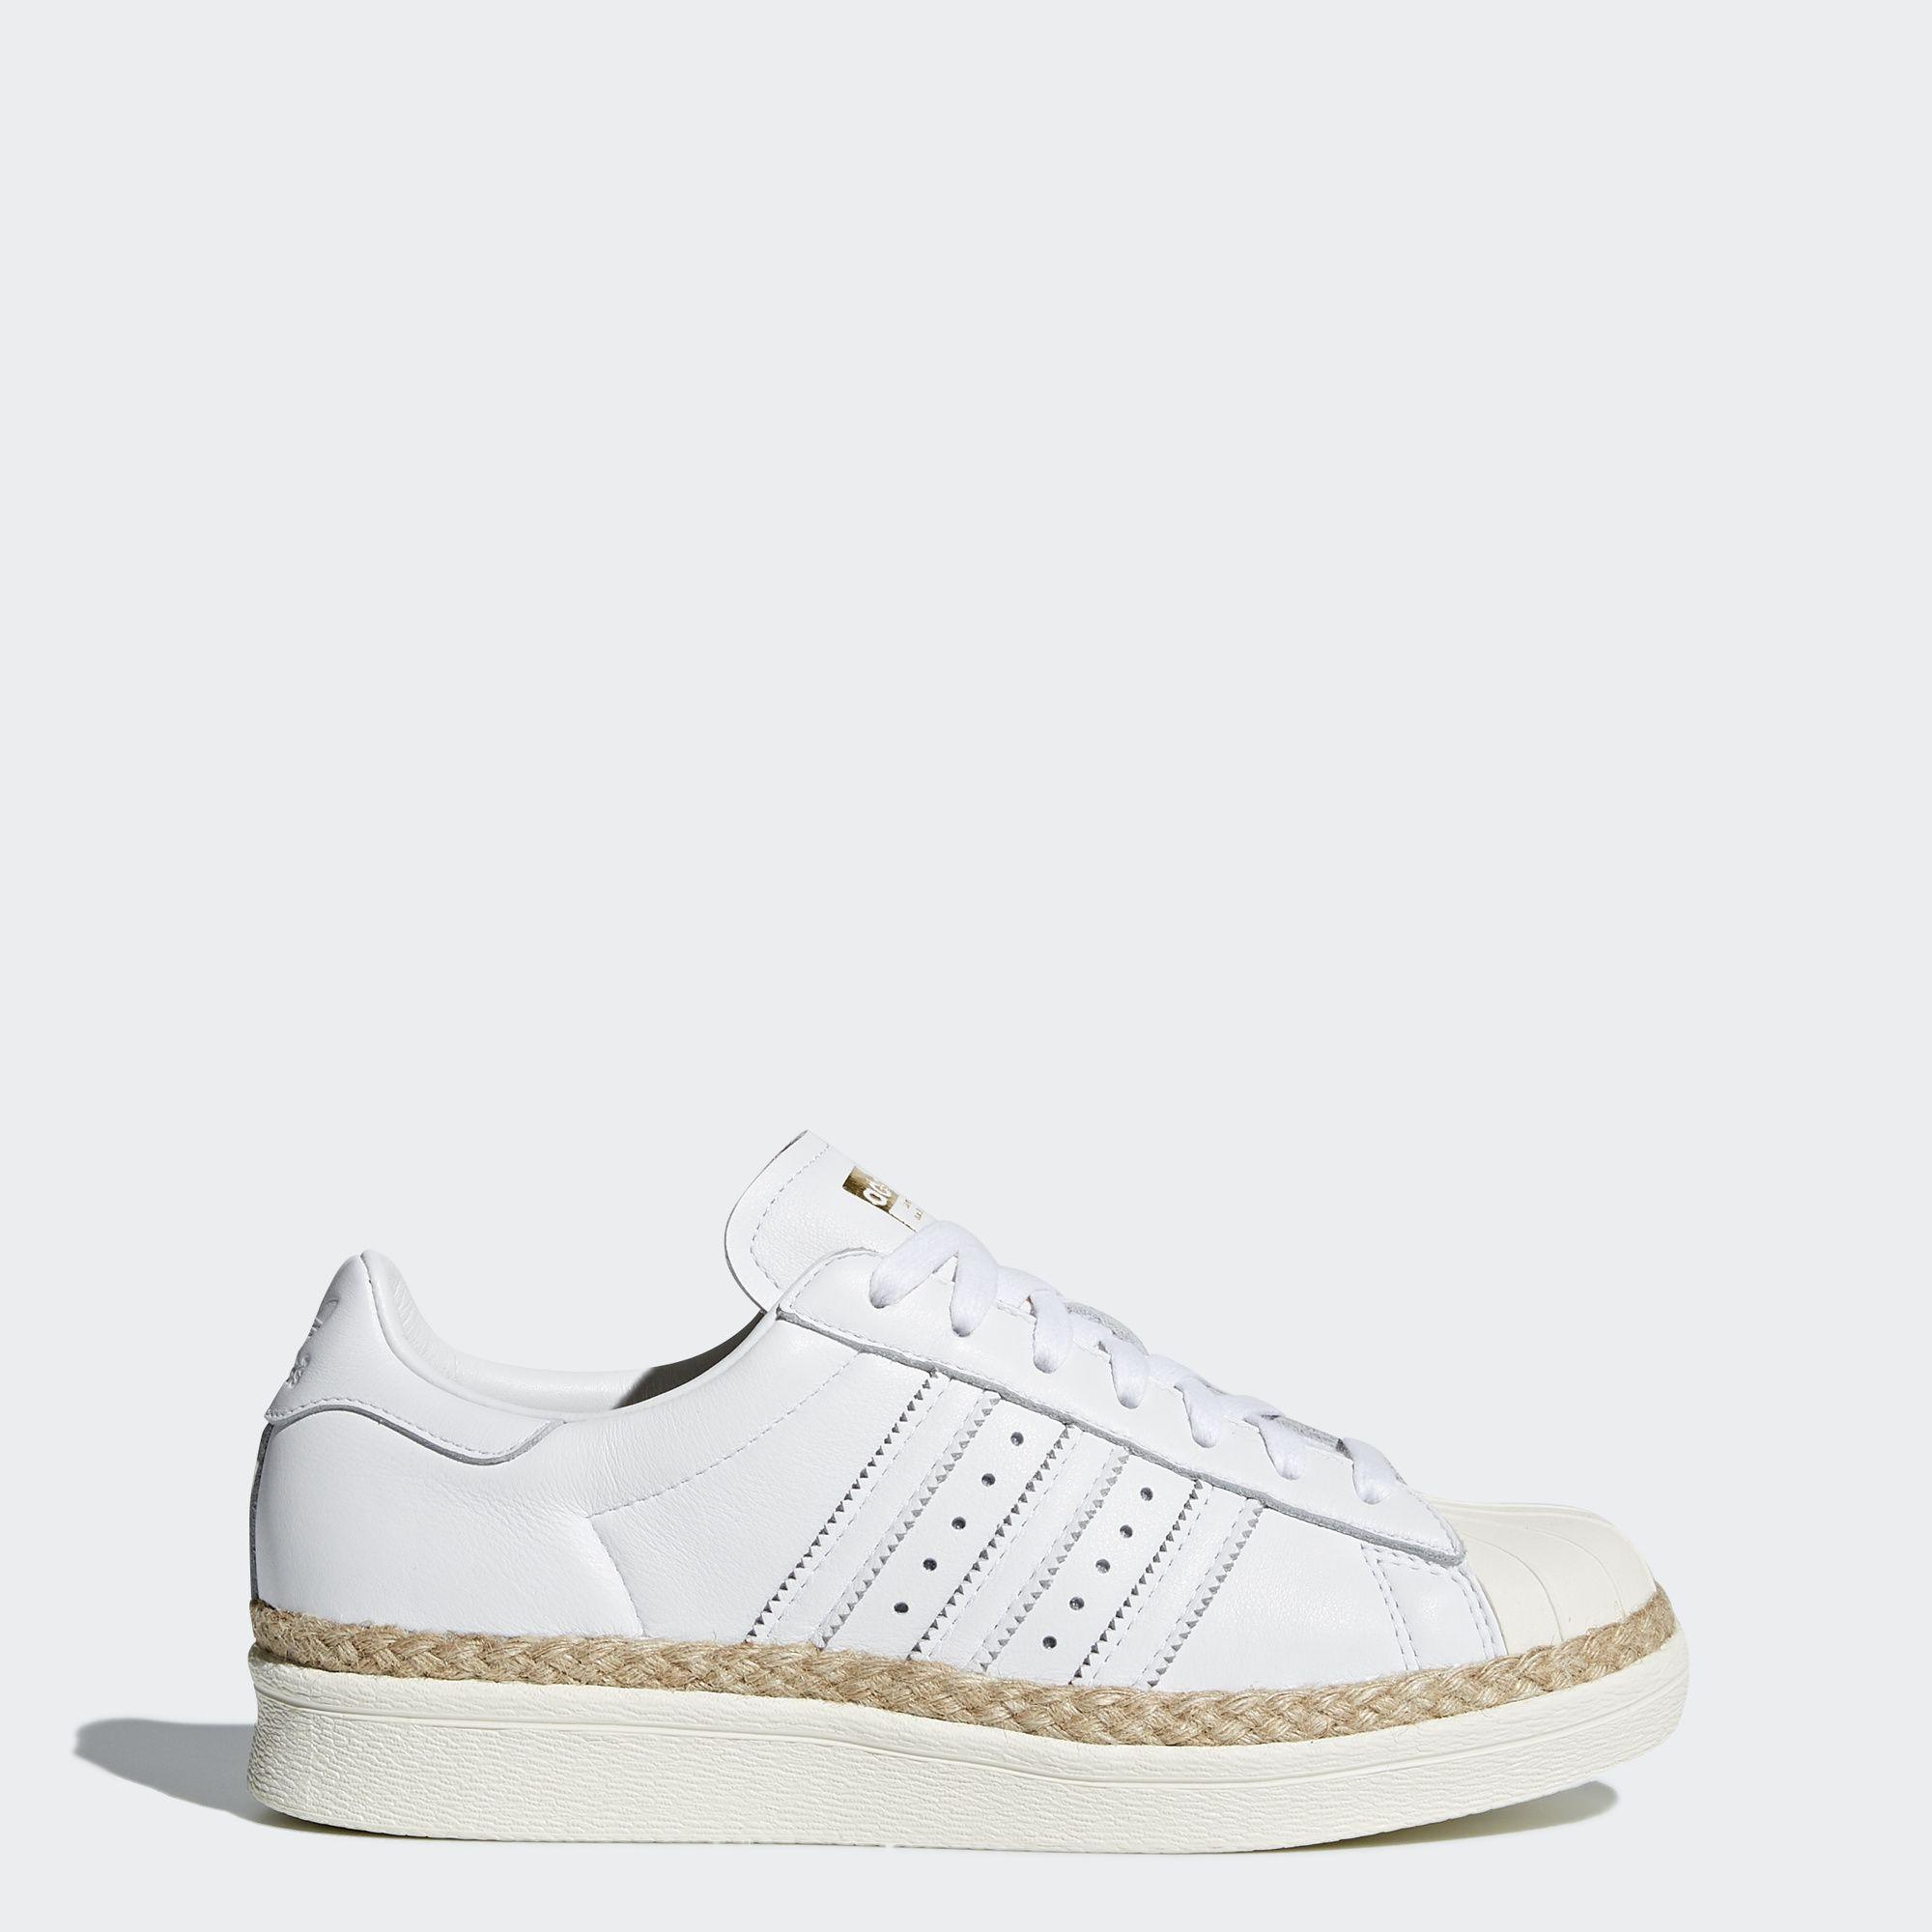 8816428c358 Compra Sapatos Superstar 80s New Bold - Branco em adidas.co.uk! Vê